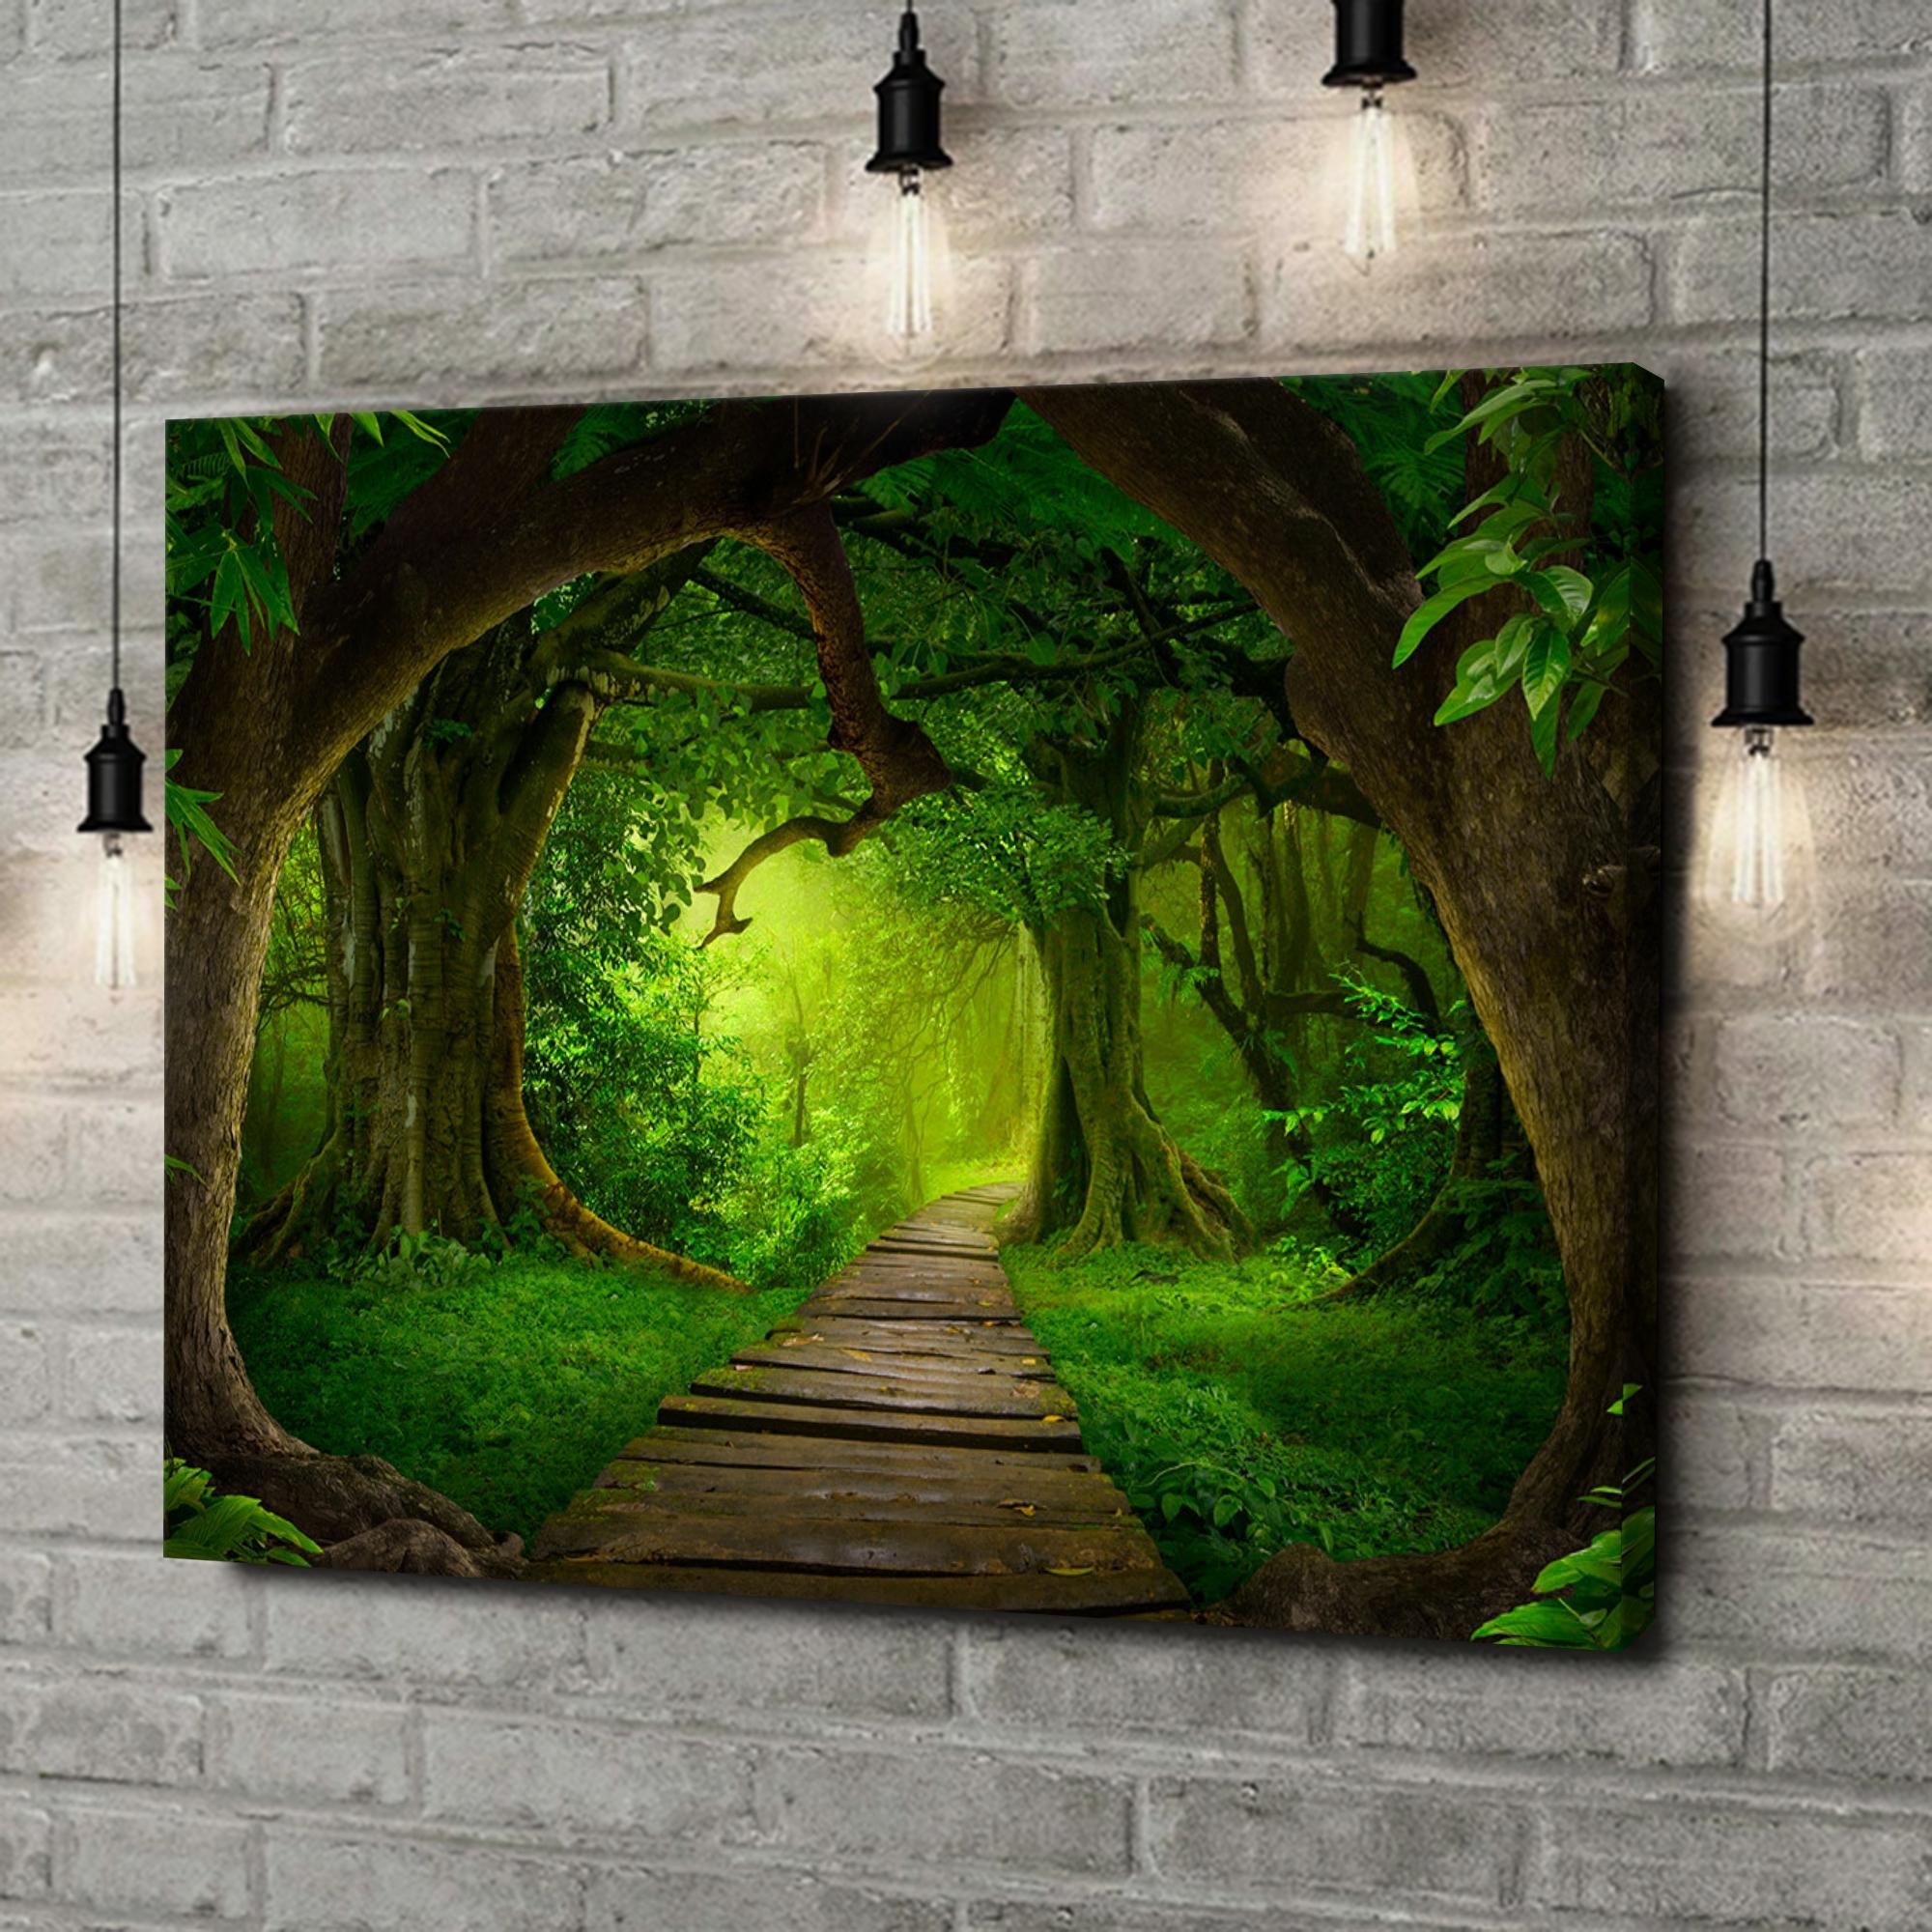 Leinwandbild personalisiert Fantasy Regenwald